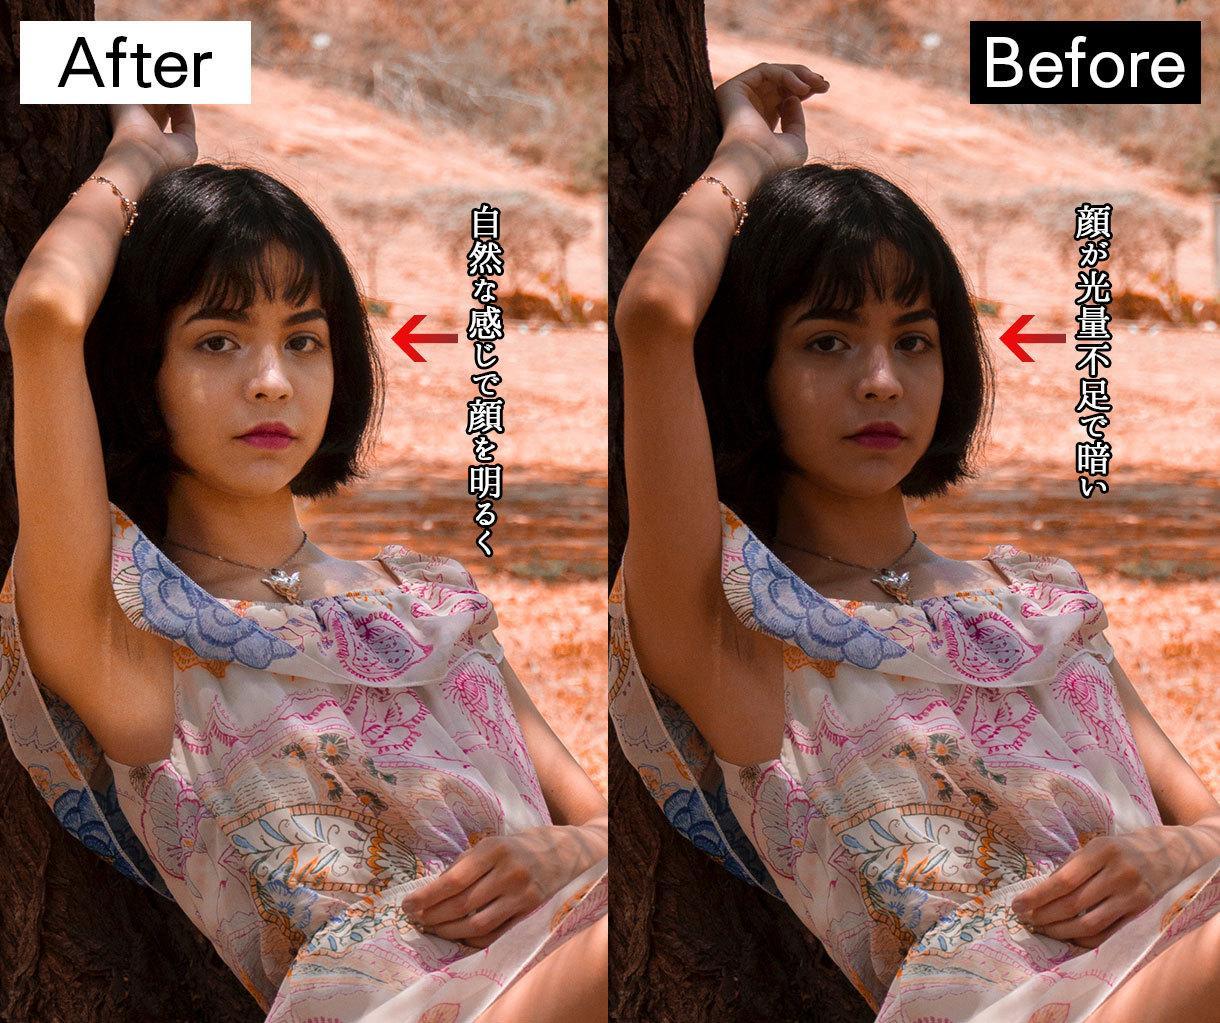 現役カメラマン&レタッチャーが人物画像加工します プロならではの品質とスピード!